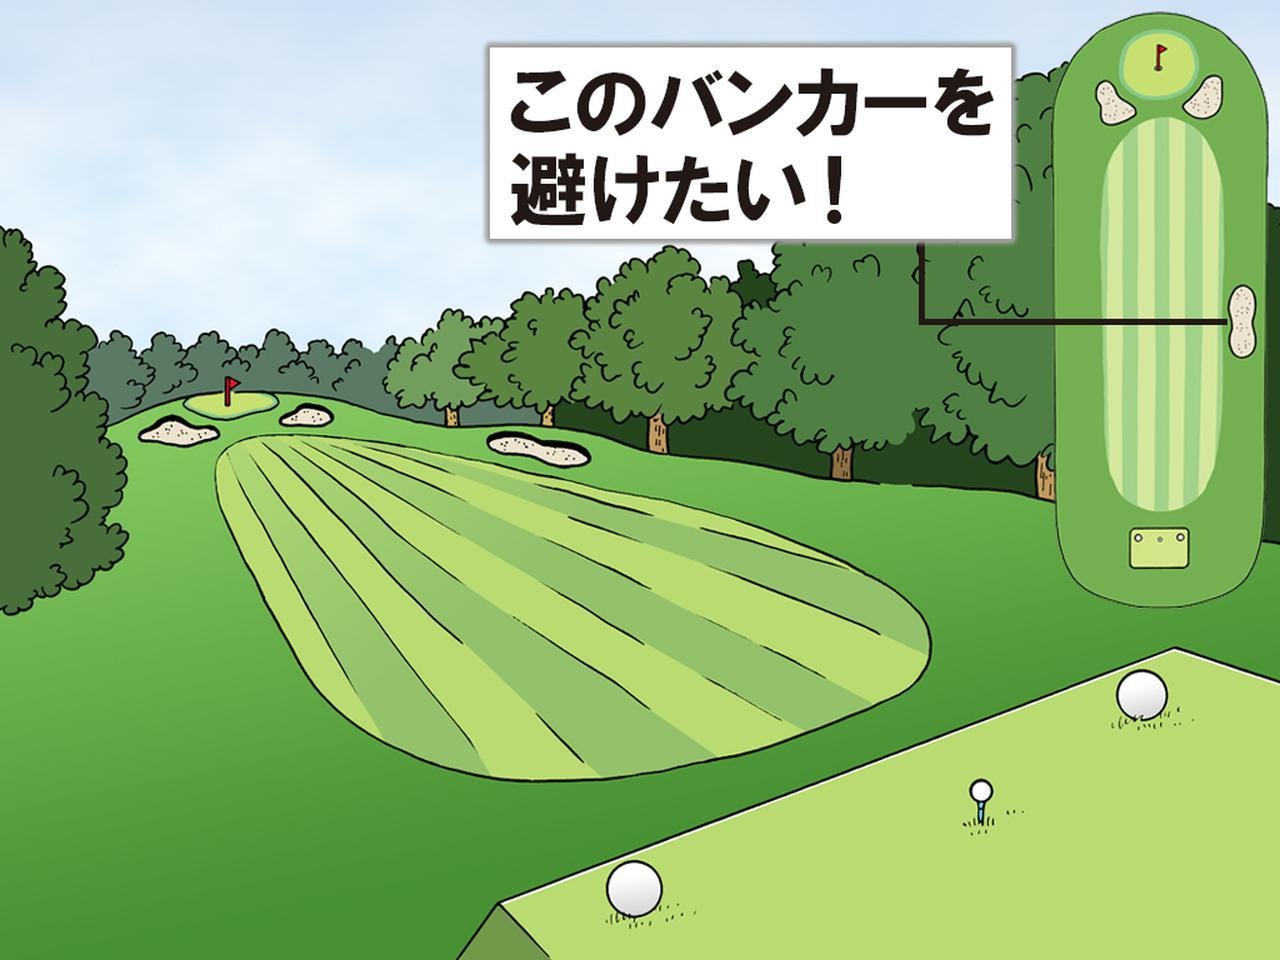 画像1: コースに2つの フェンスをイメージする